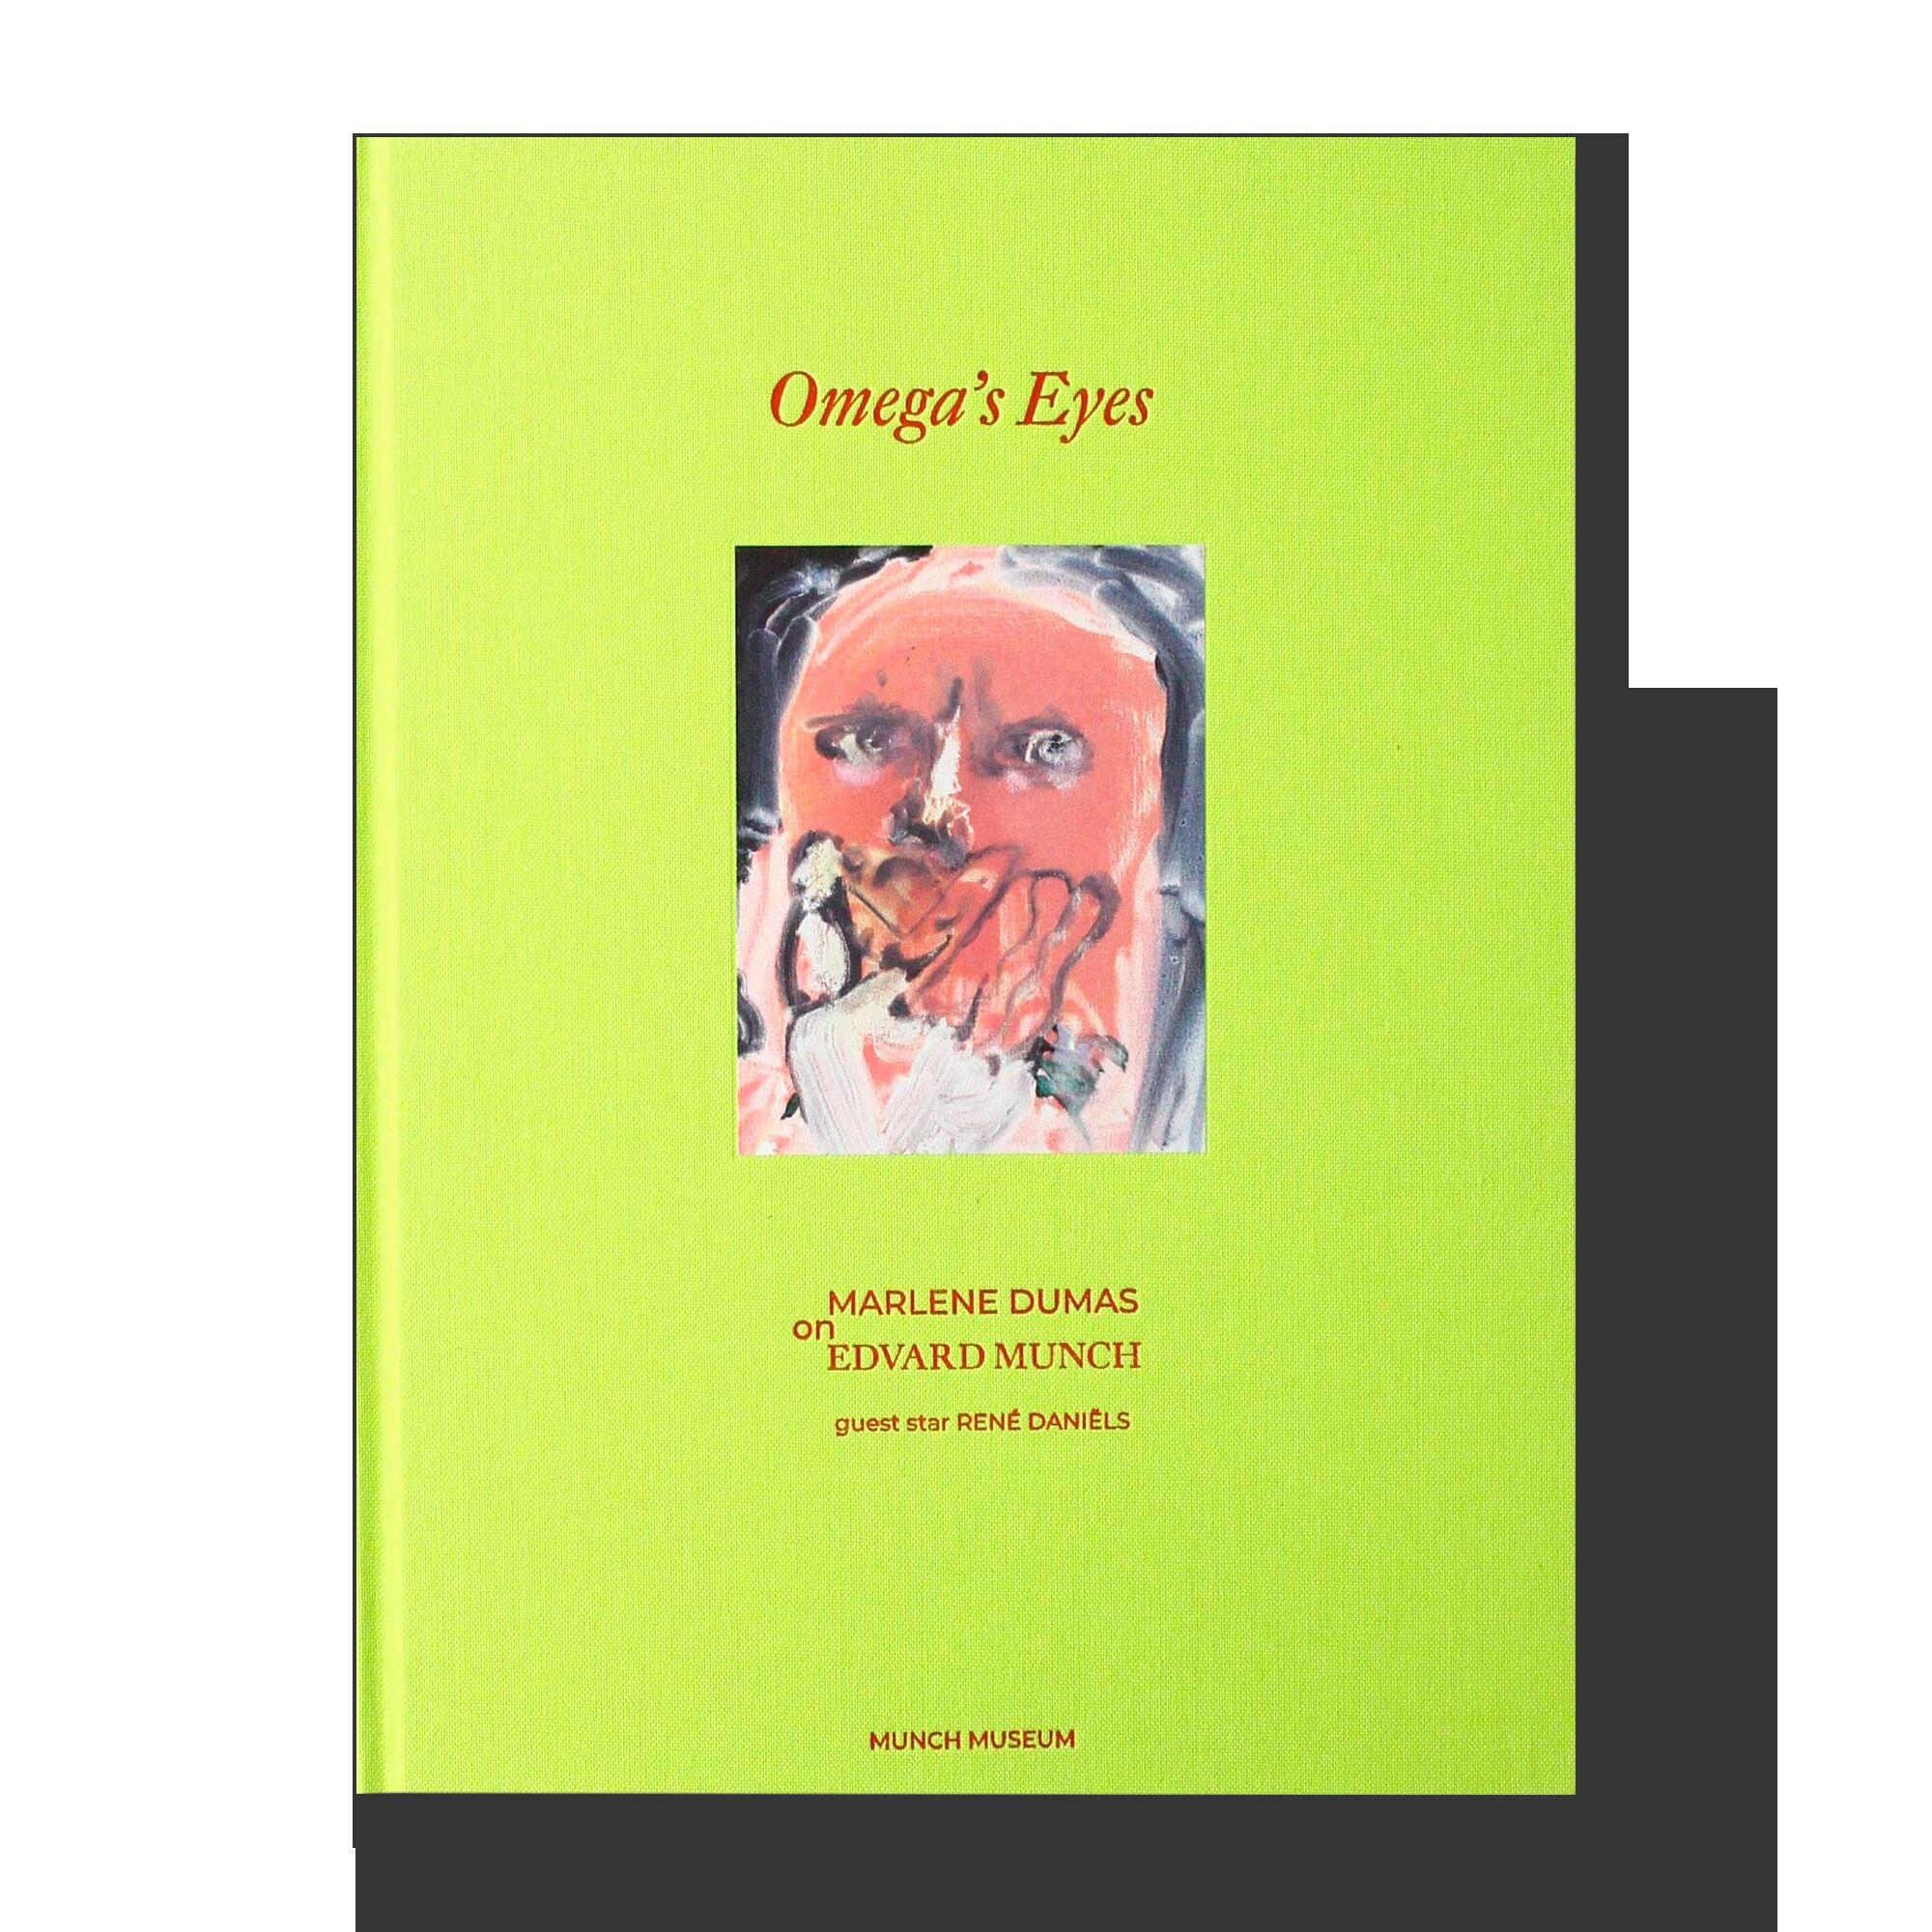 Omega's Eyes. Marlene Dumas on Edvard Munch